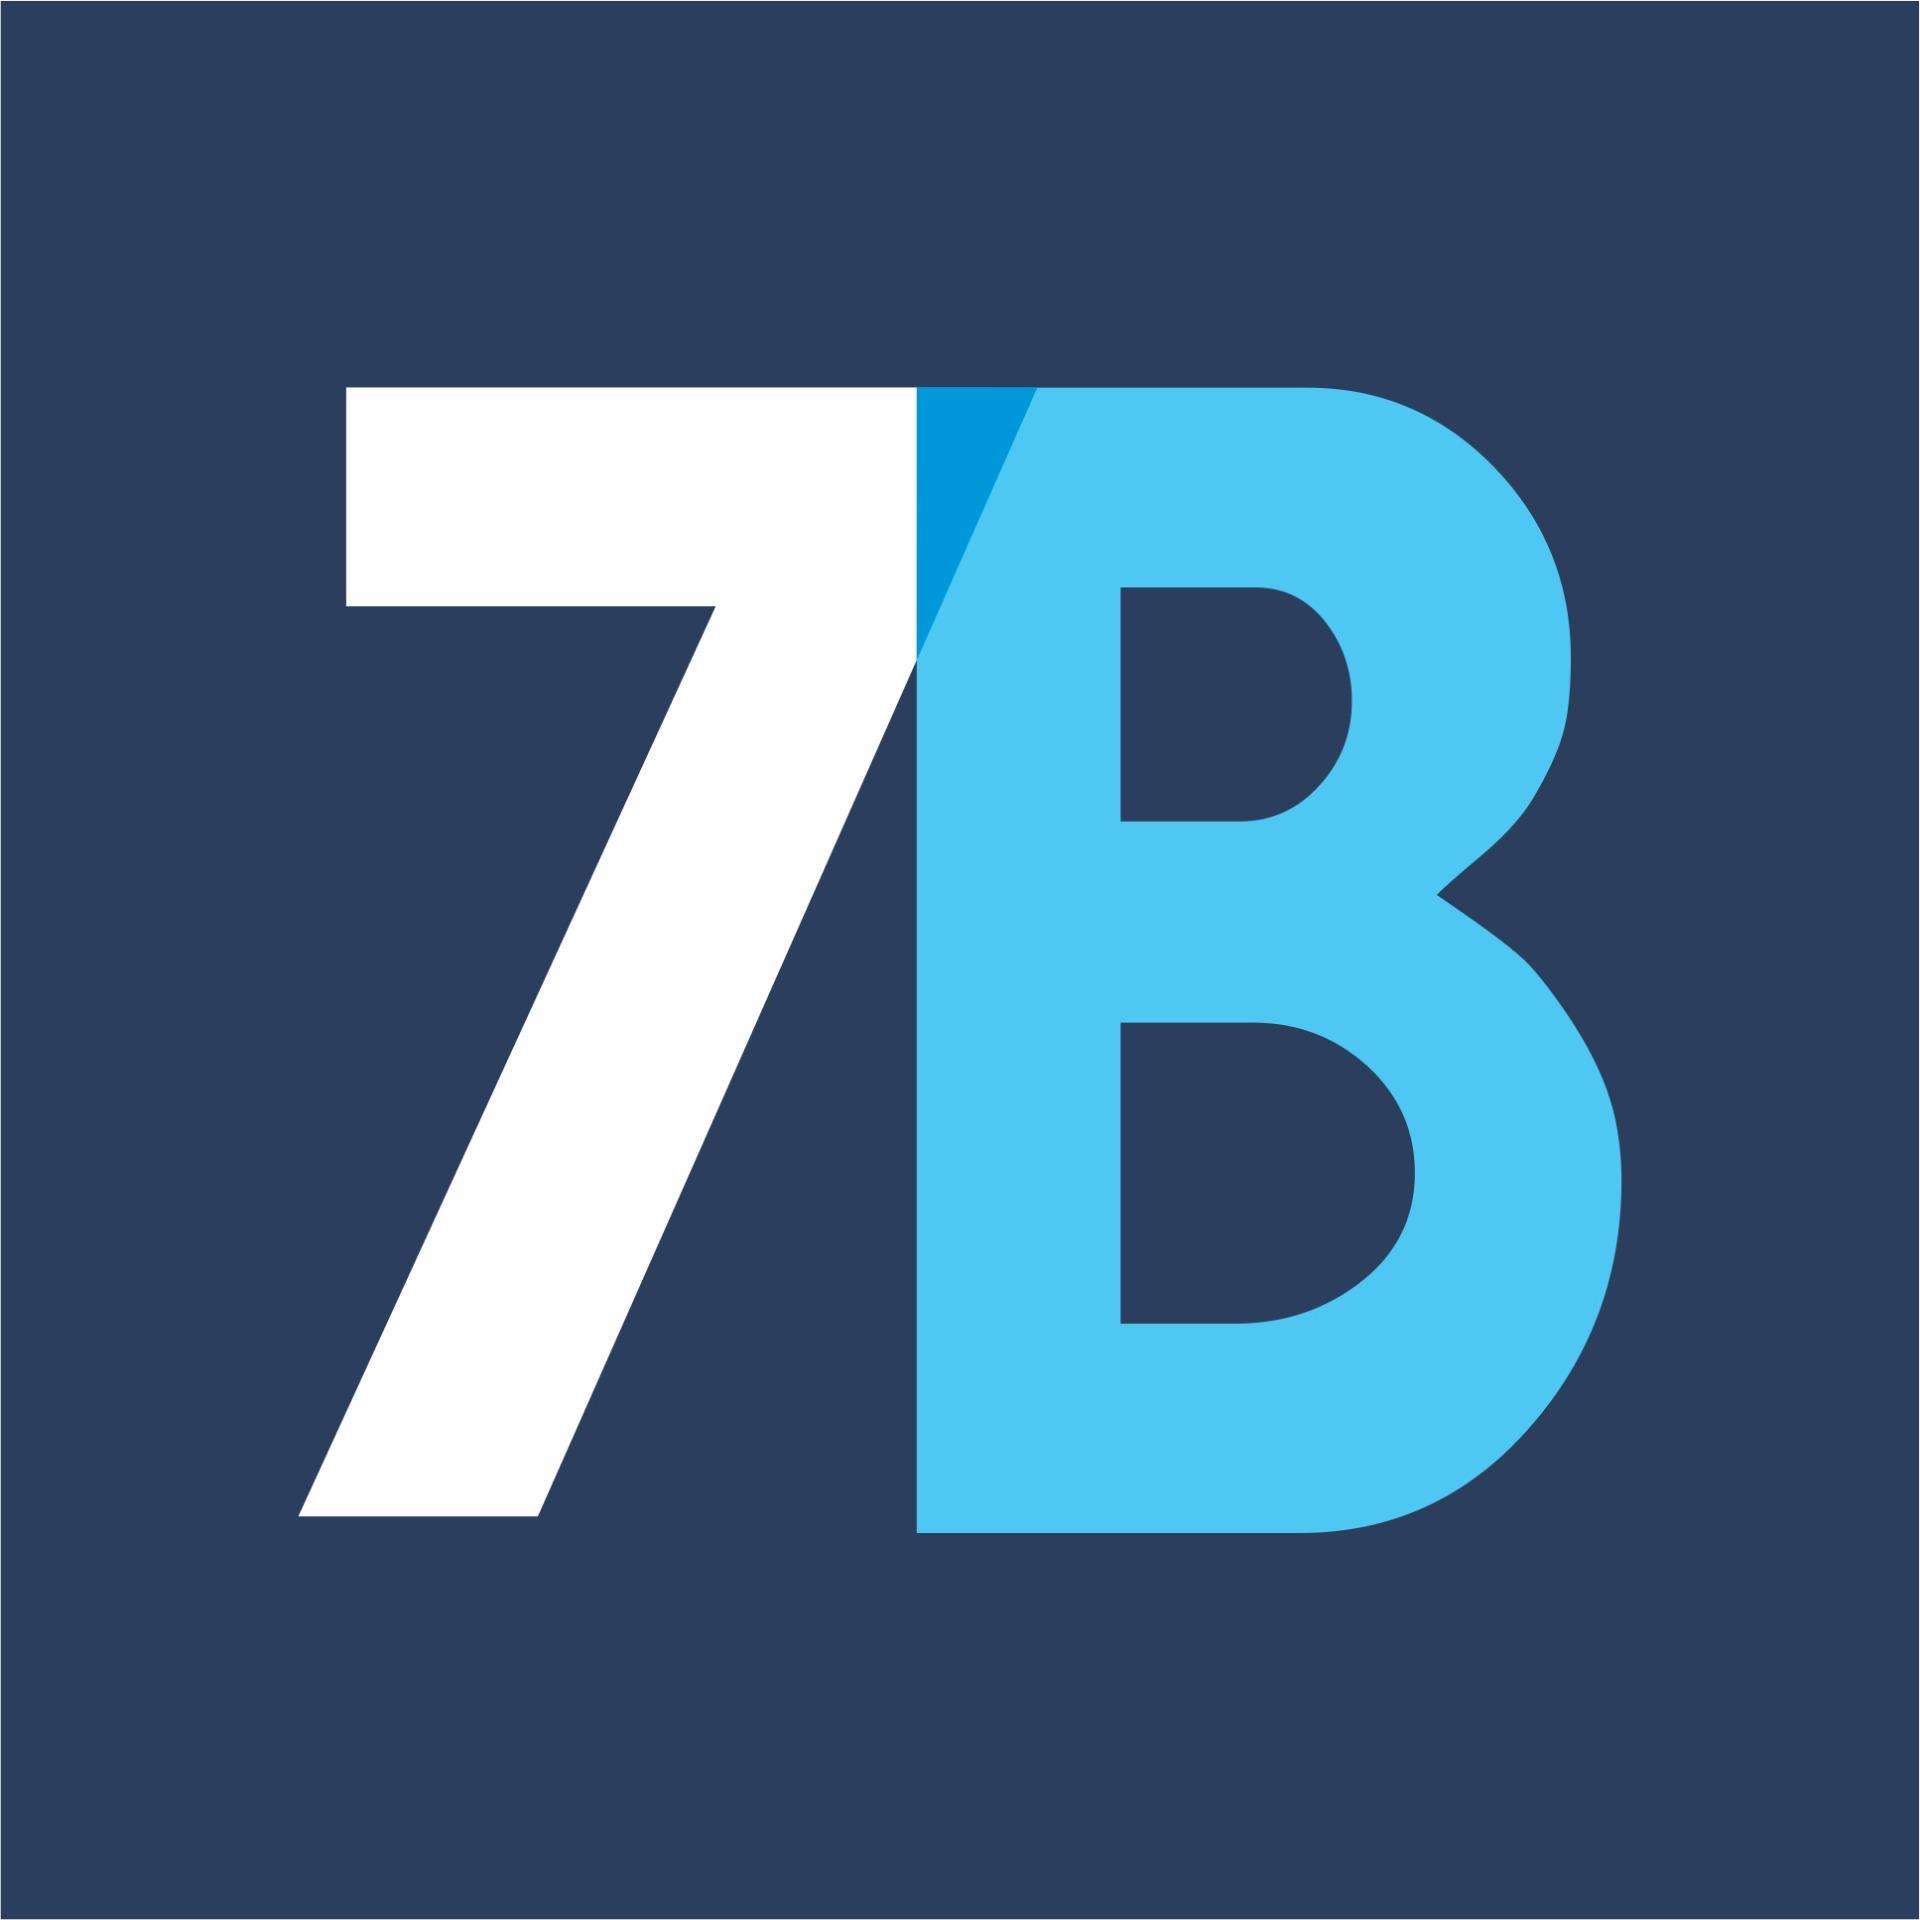 7BPUBLICIDADE